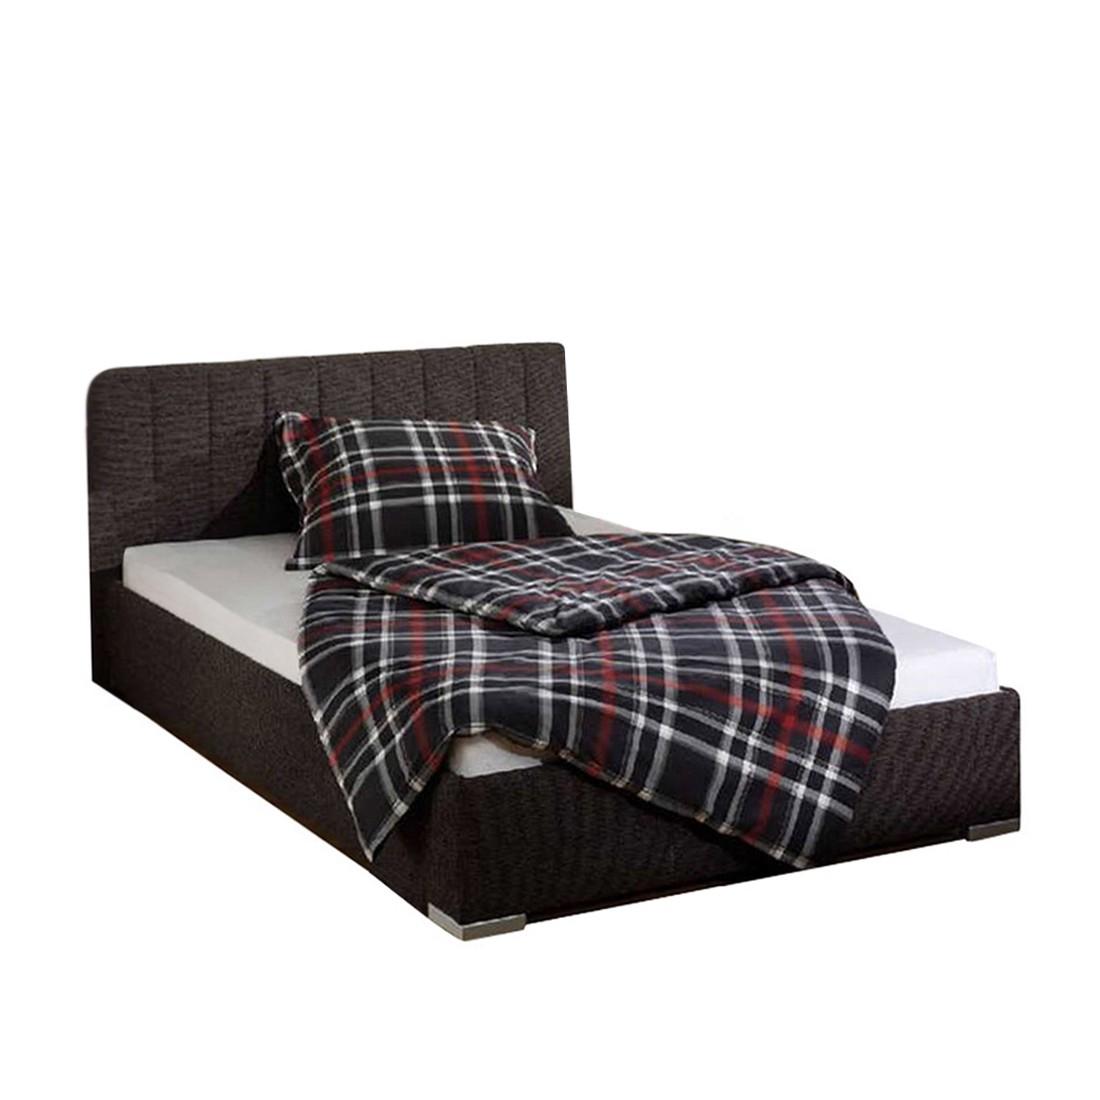 goedkoop Bed New Jersey structuurstof 160 x 200cm Bedframe zonder matras & lattenbodem Bruin Monaco